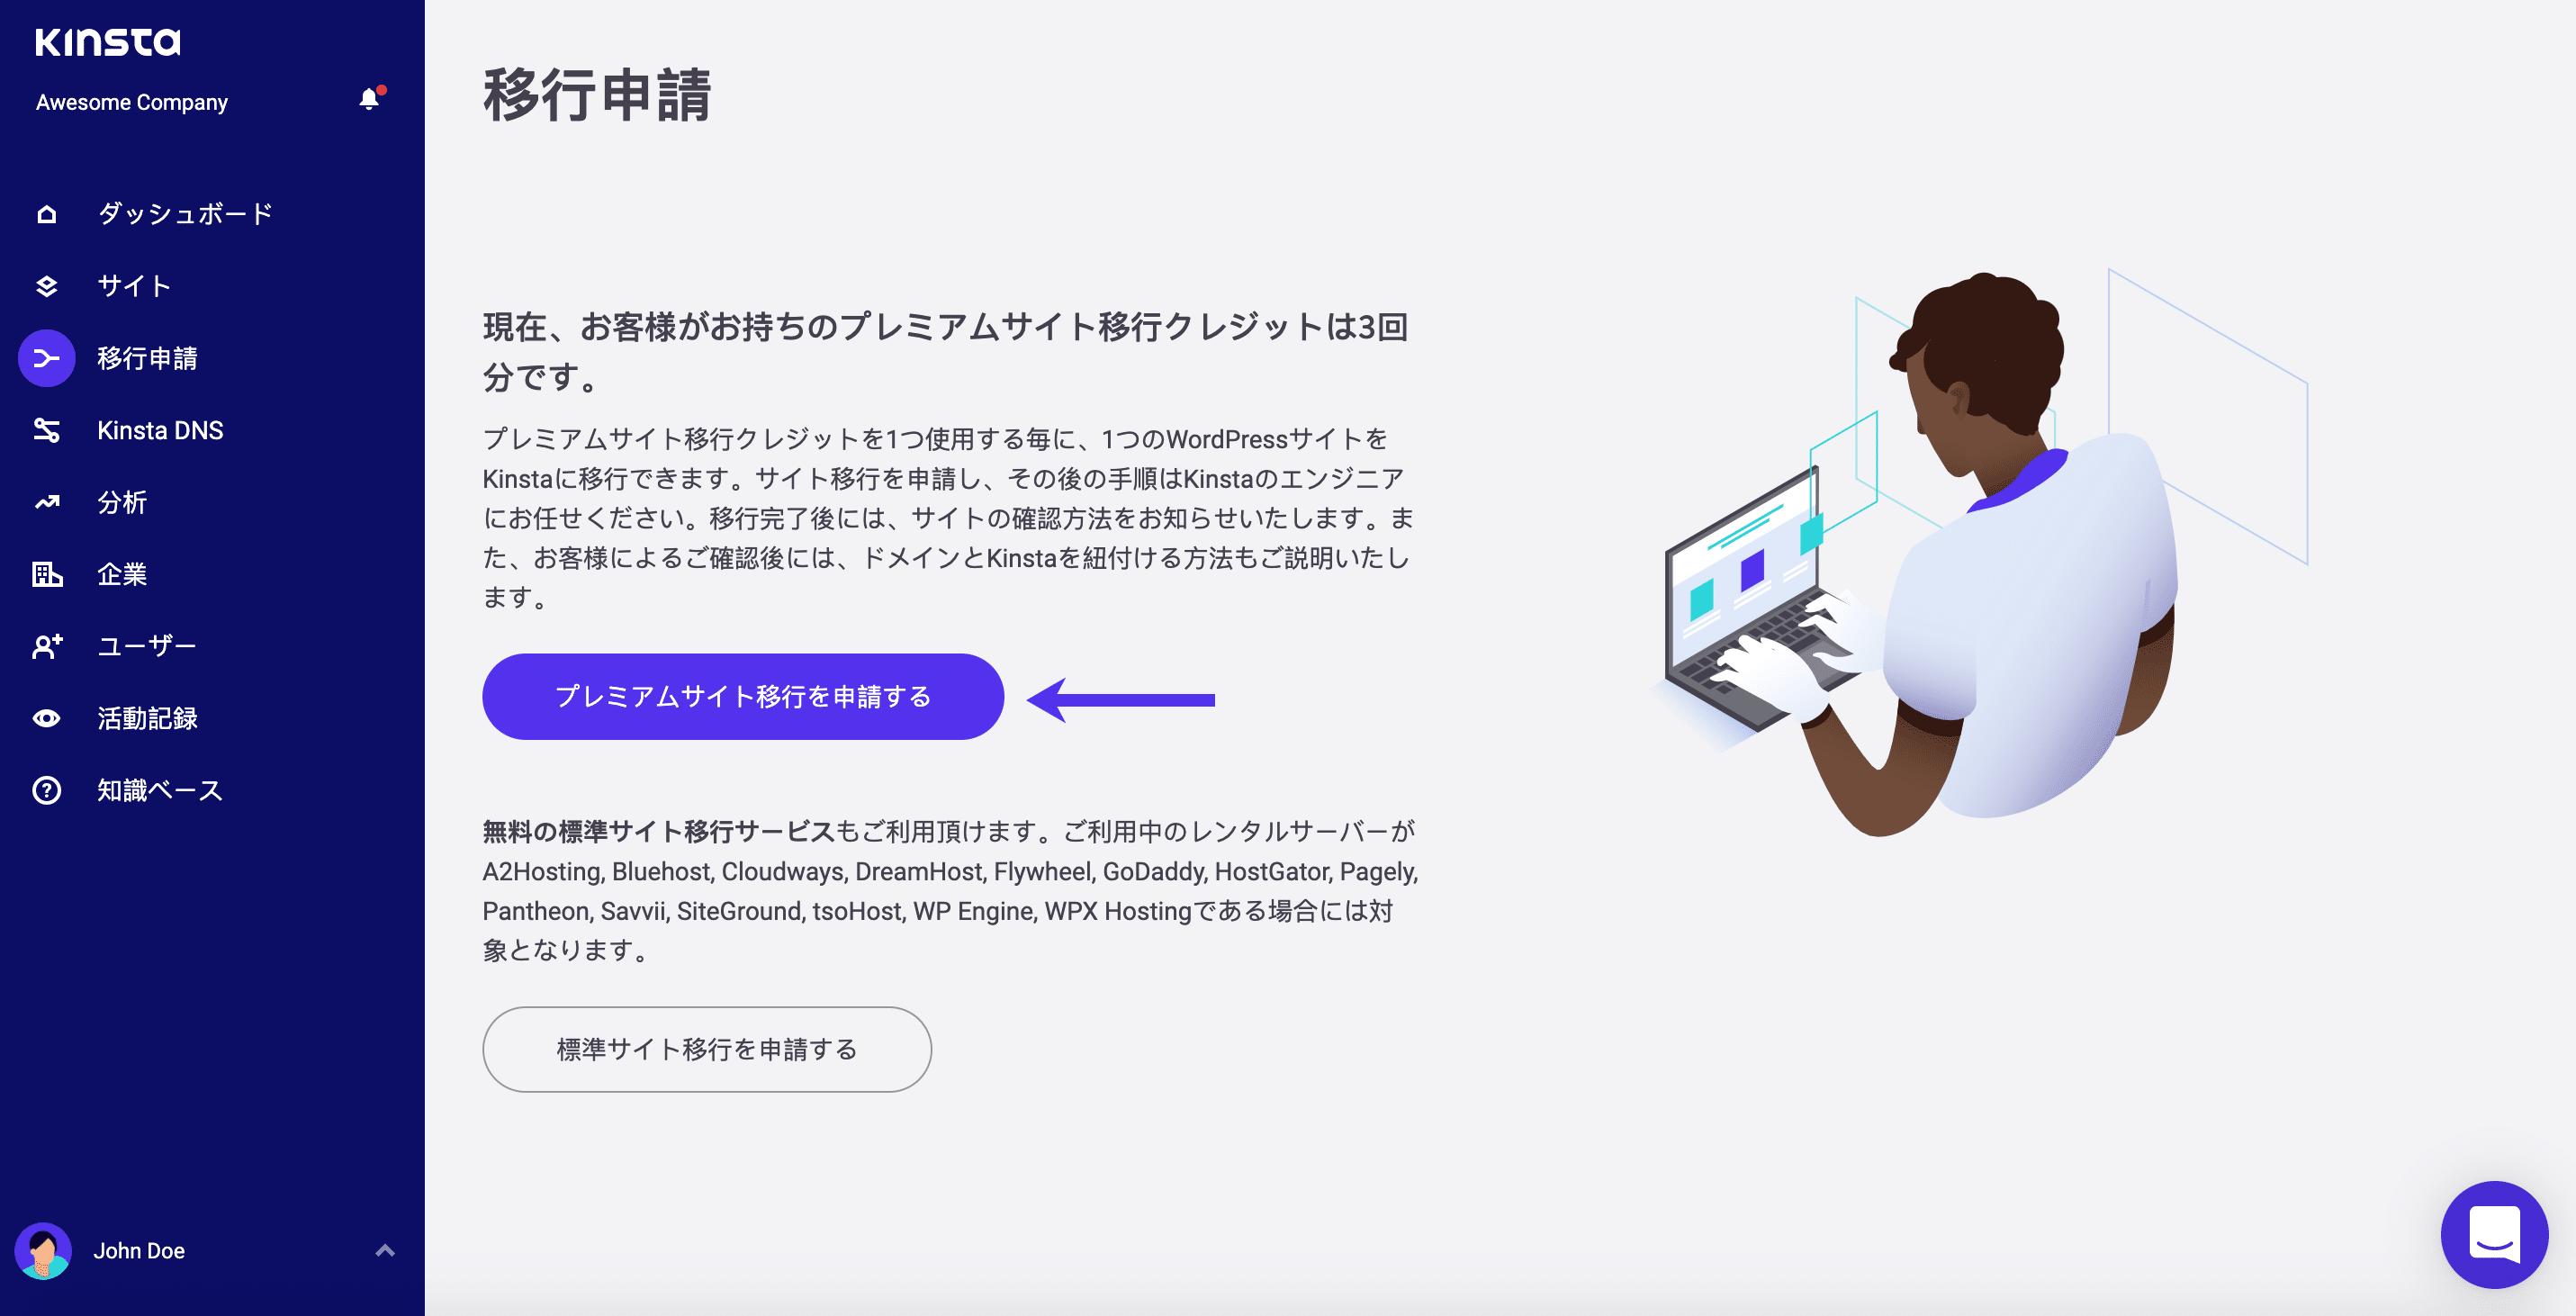 プレミアムWordPressマイグレーションの申請